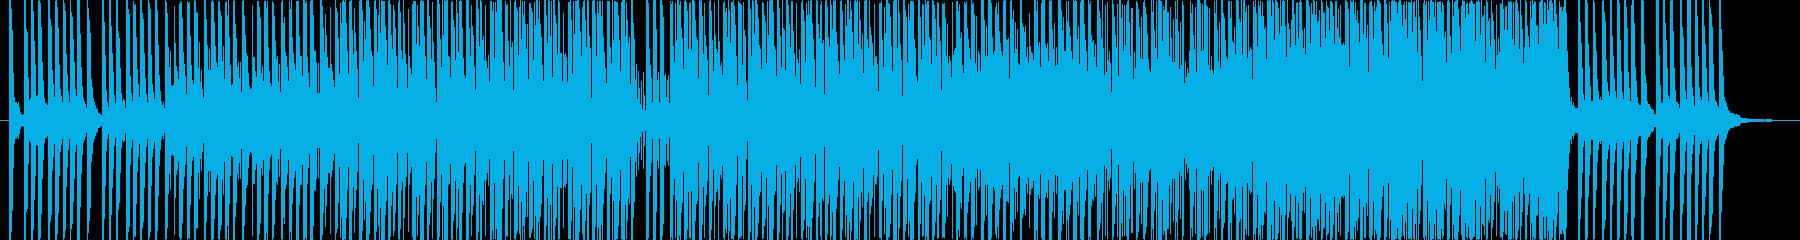 エレクトロ/クールの再生済みの波形